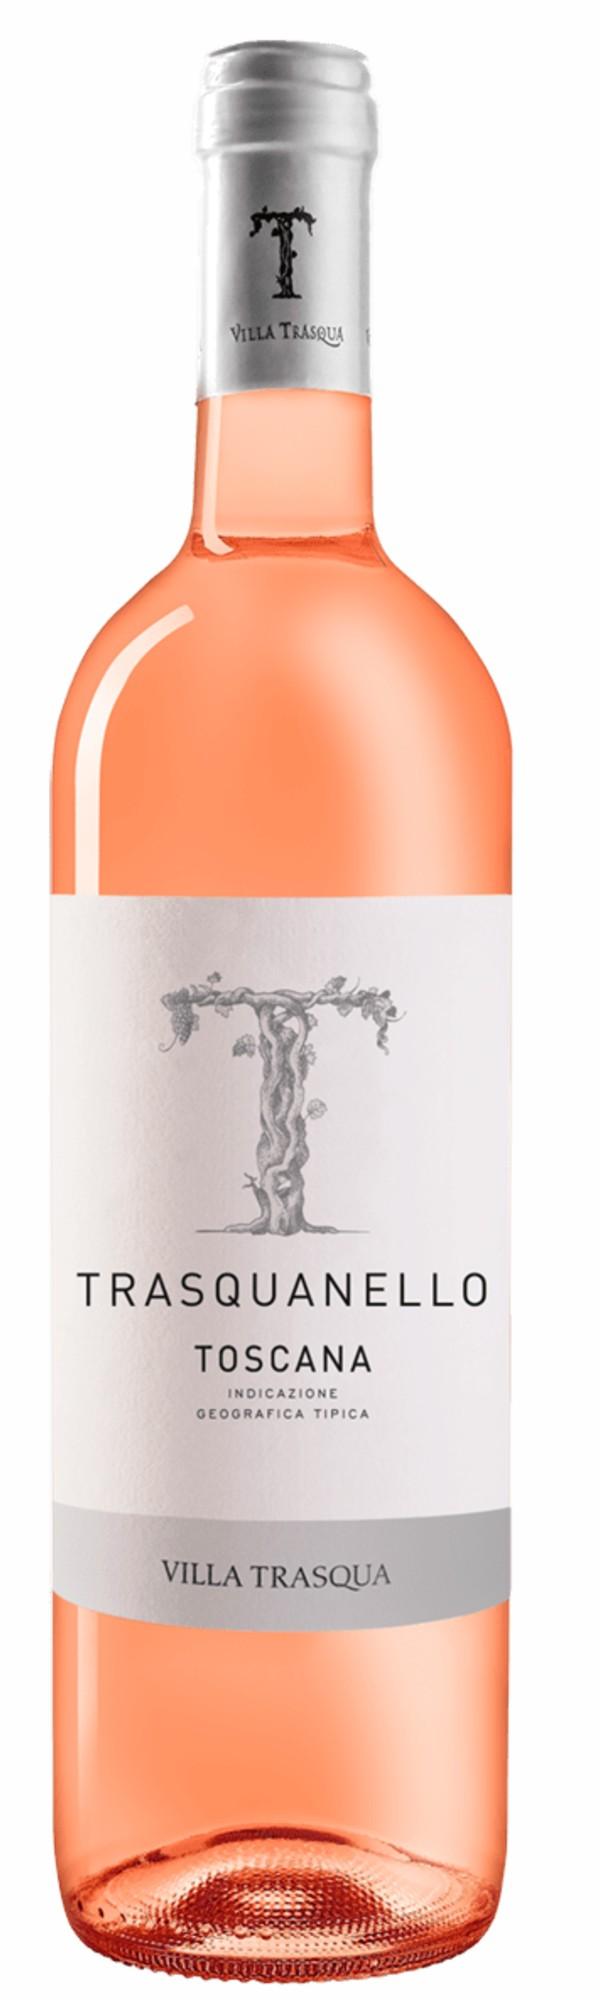 Villa Trasqua Trasquanello